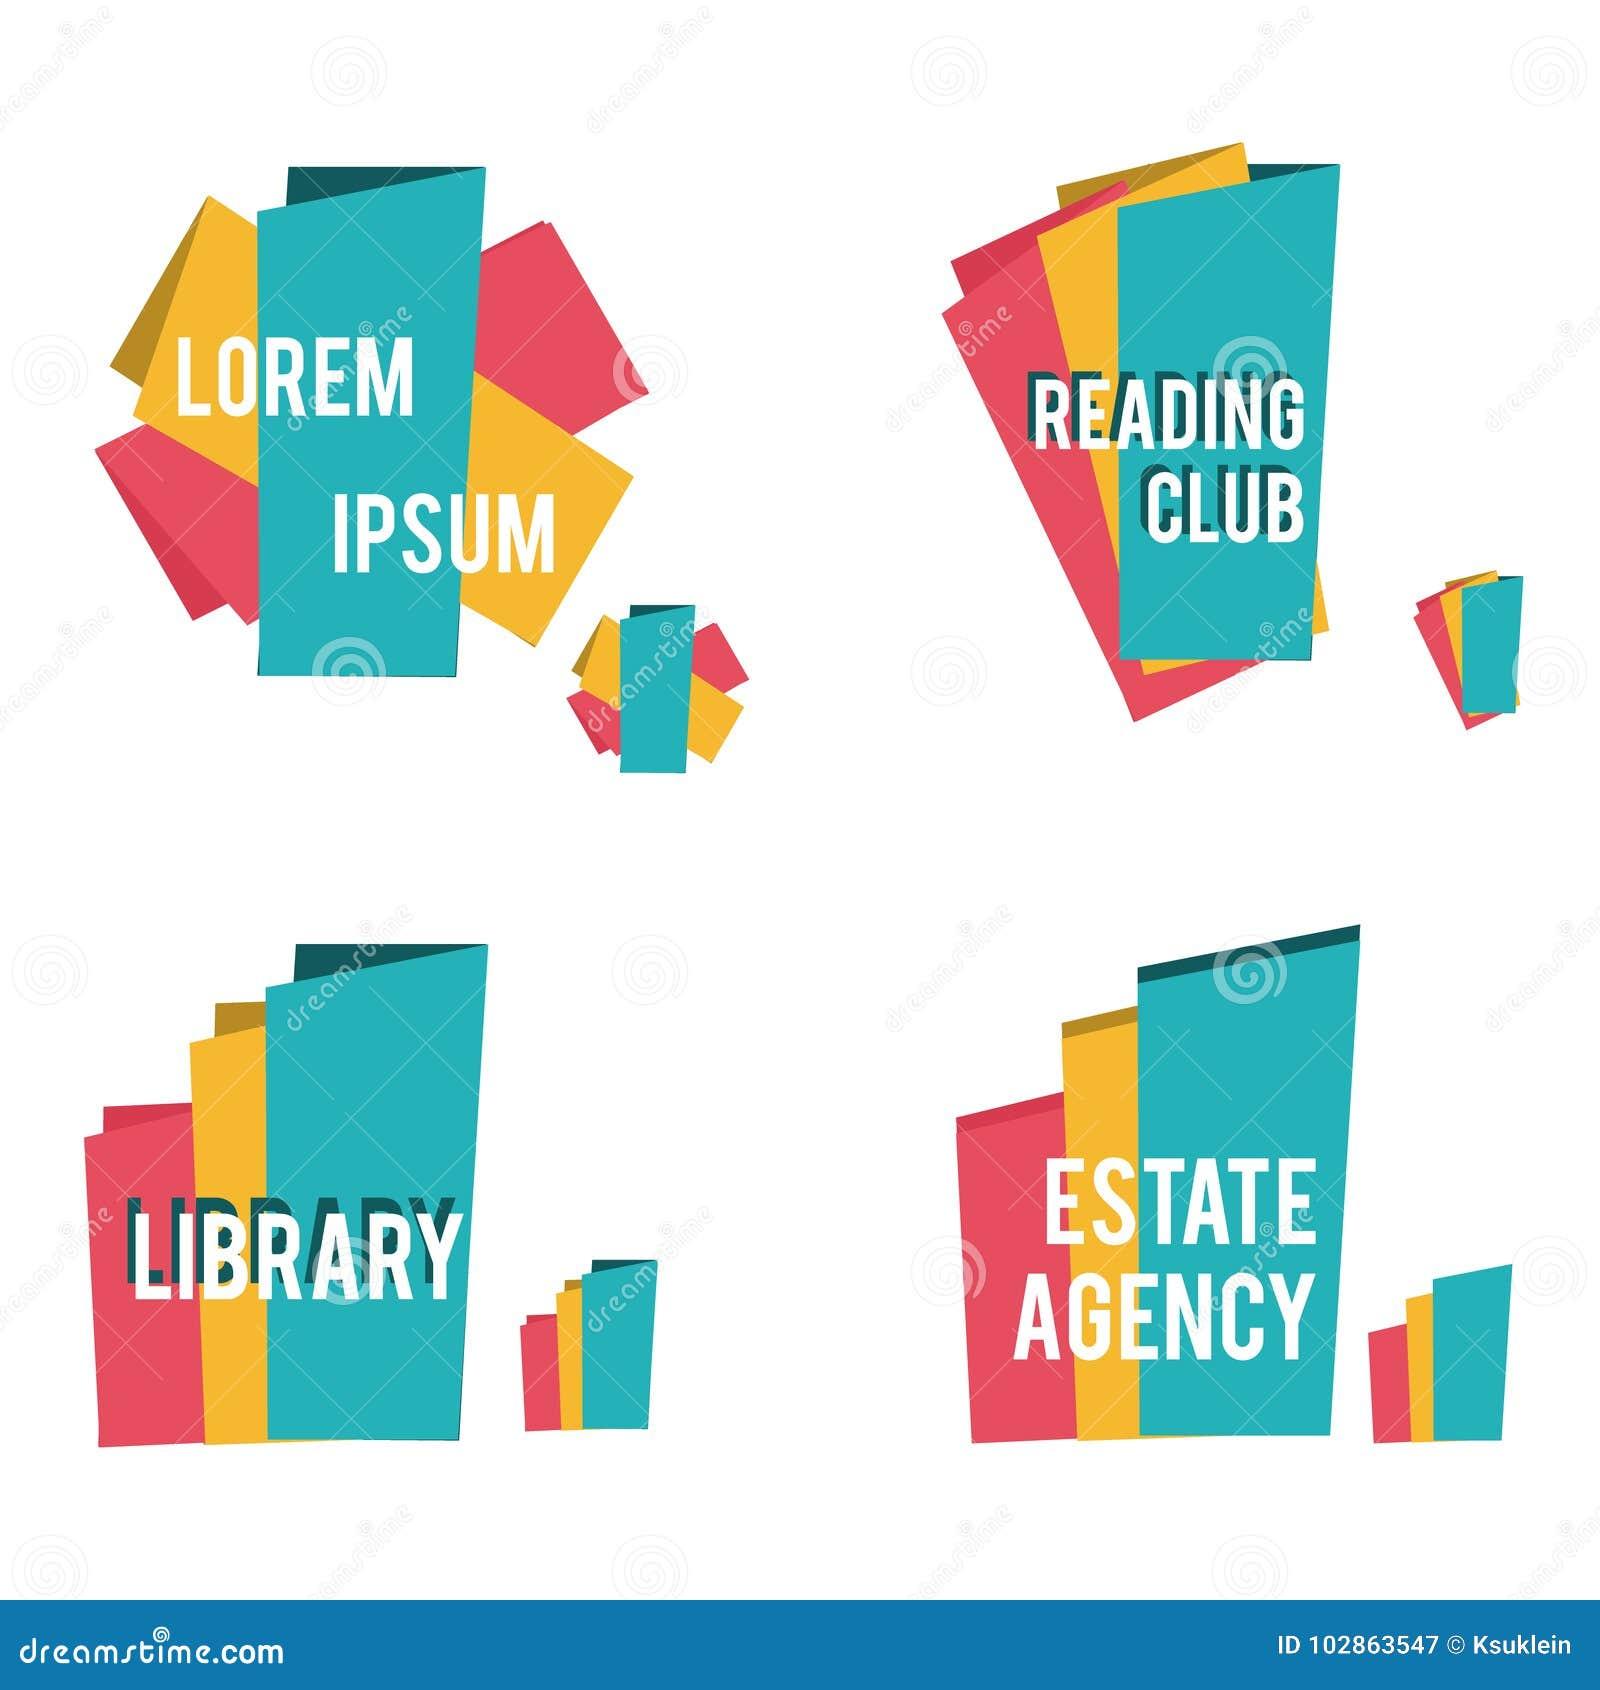 Абстрактные формы для библиотеки, клубов чтения, недвижимости и значков другой отрасли